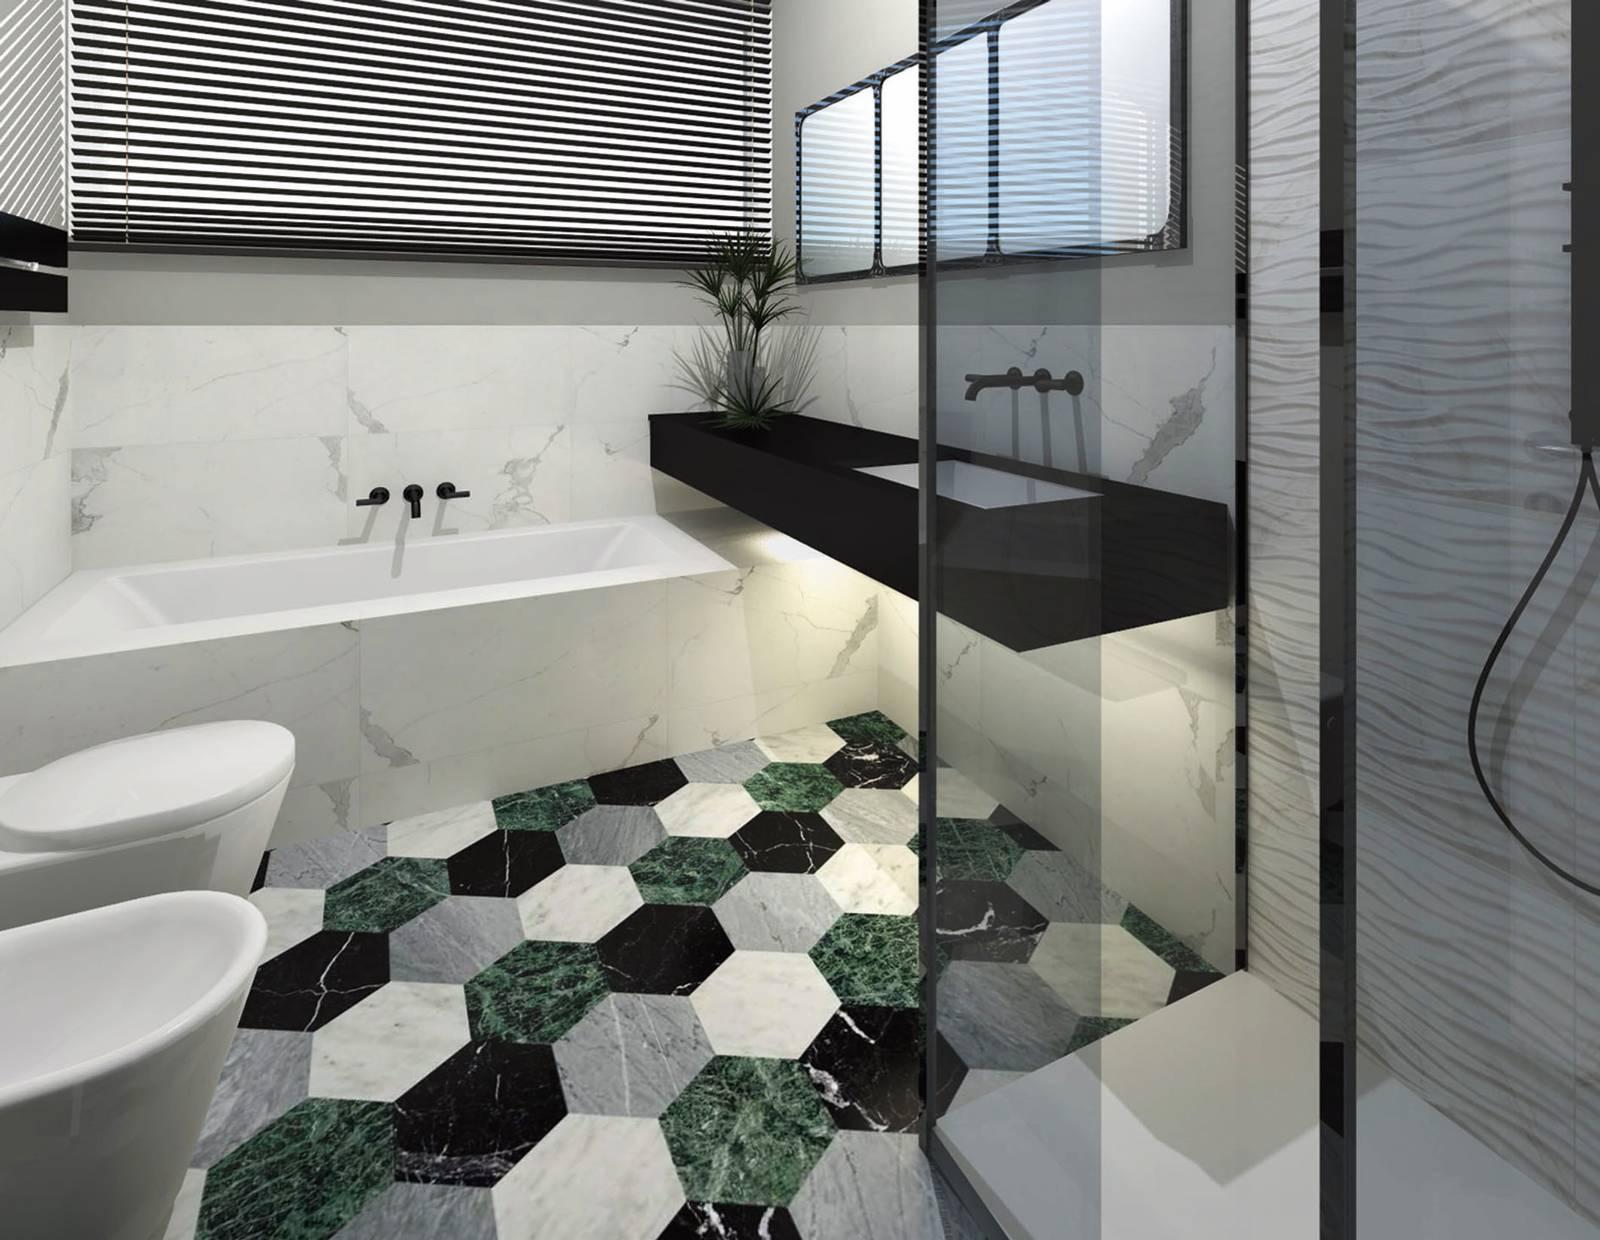 Bagno in 6 5 mq via libera ai decori progetto in 3d cose di casa - Progetto bagno 2 mq ...